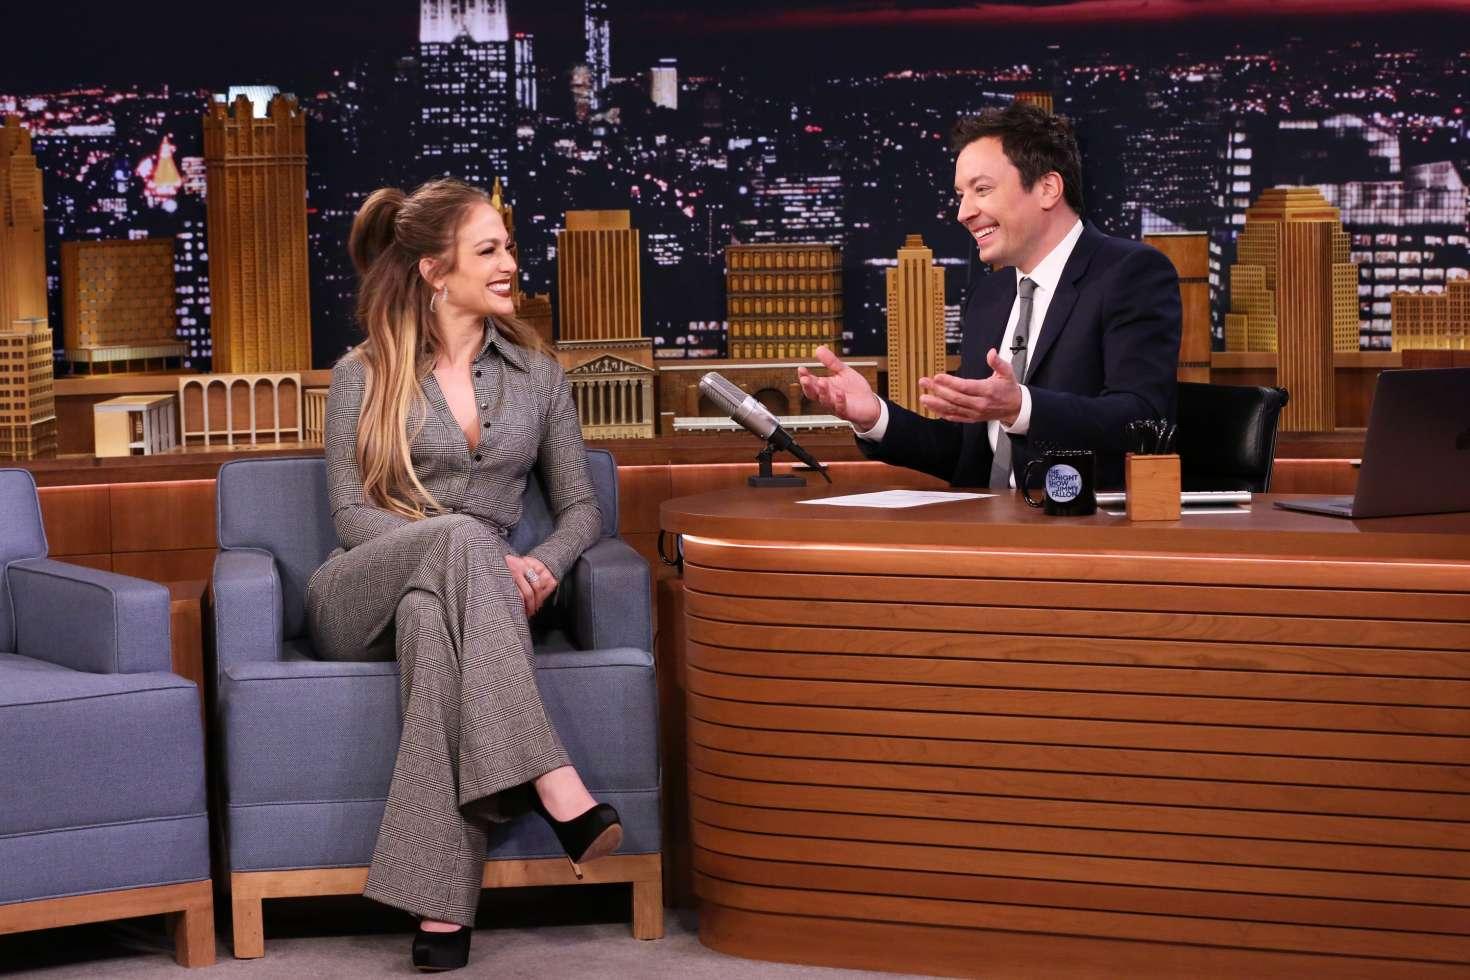 Jennifer Lopez 2017 : Jennifer Lopez on The Tonight Show Starring Jimmy Fallon -12